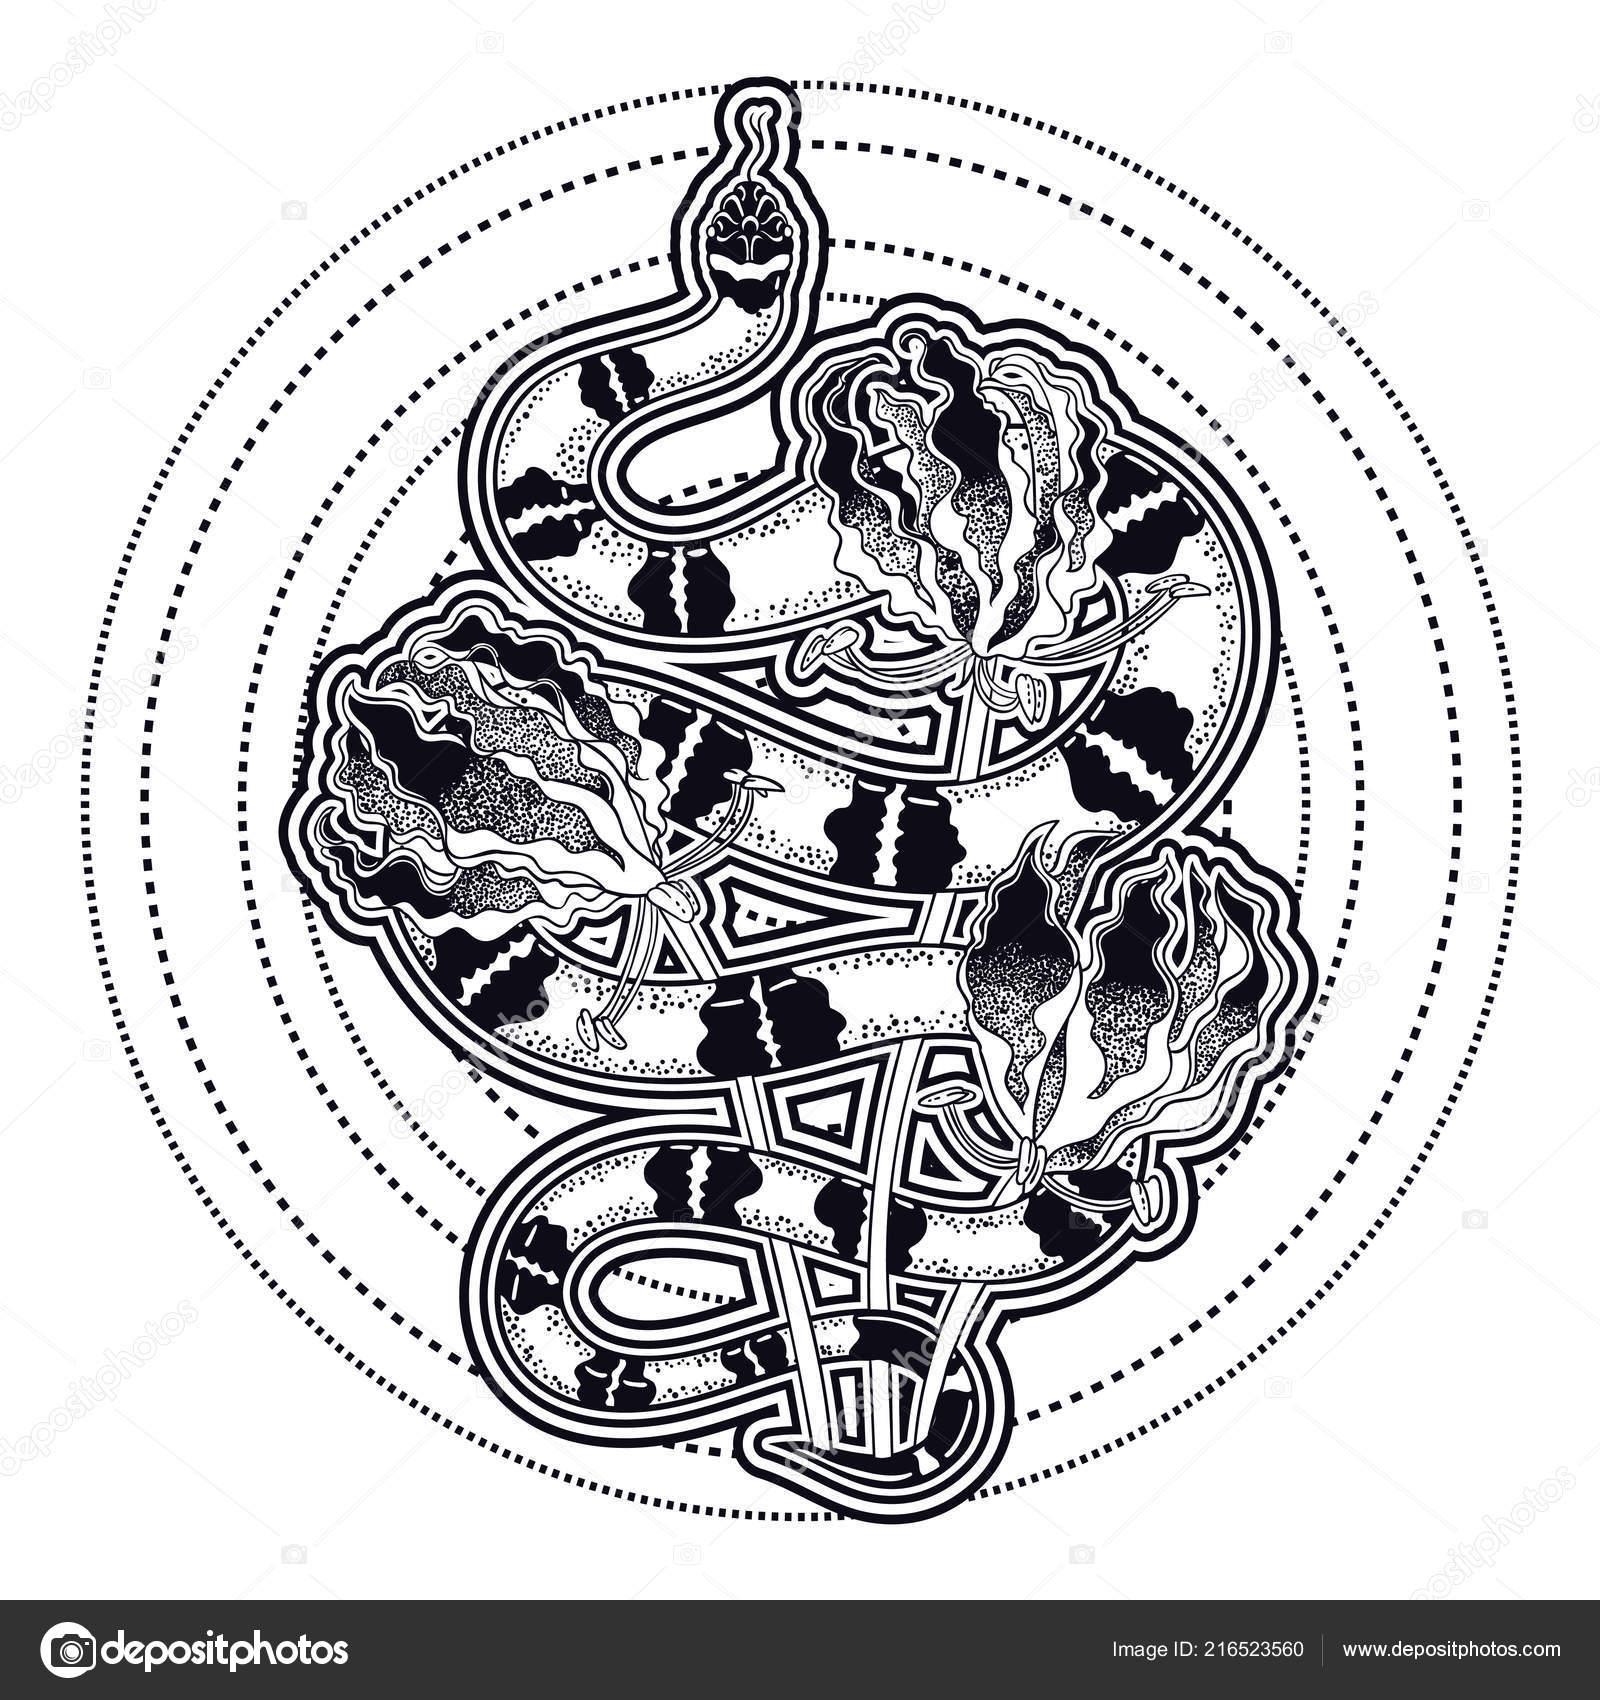 Rucne Kreslene Vintage Hadi Tetovani Umeni Vektorove Ilustrace